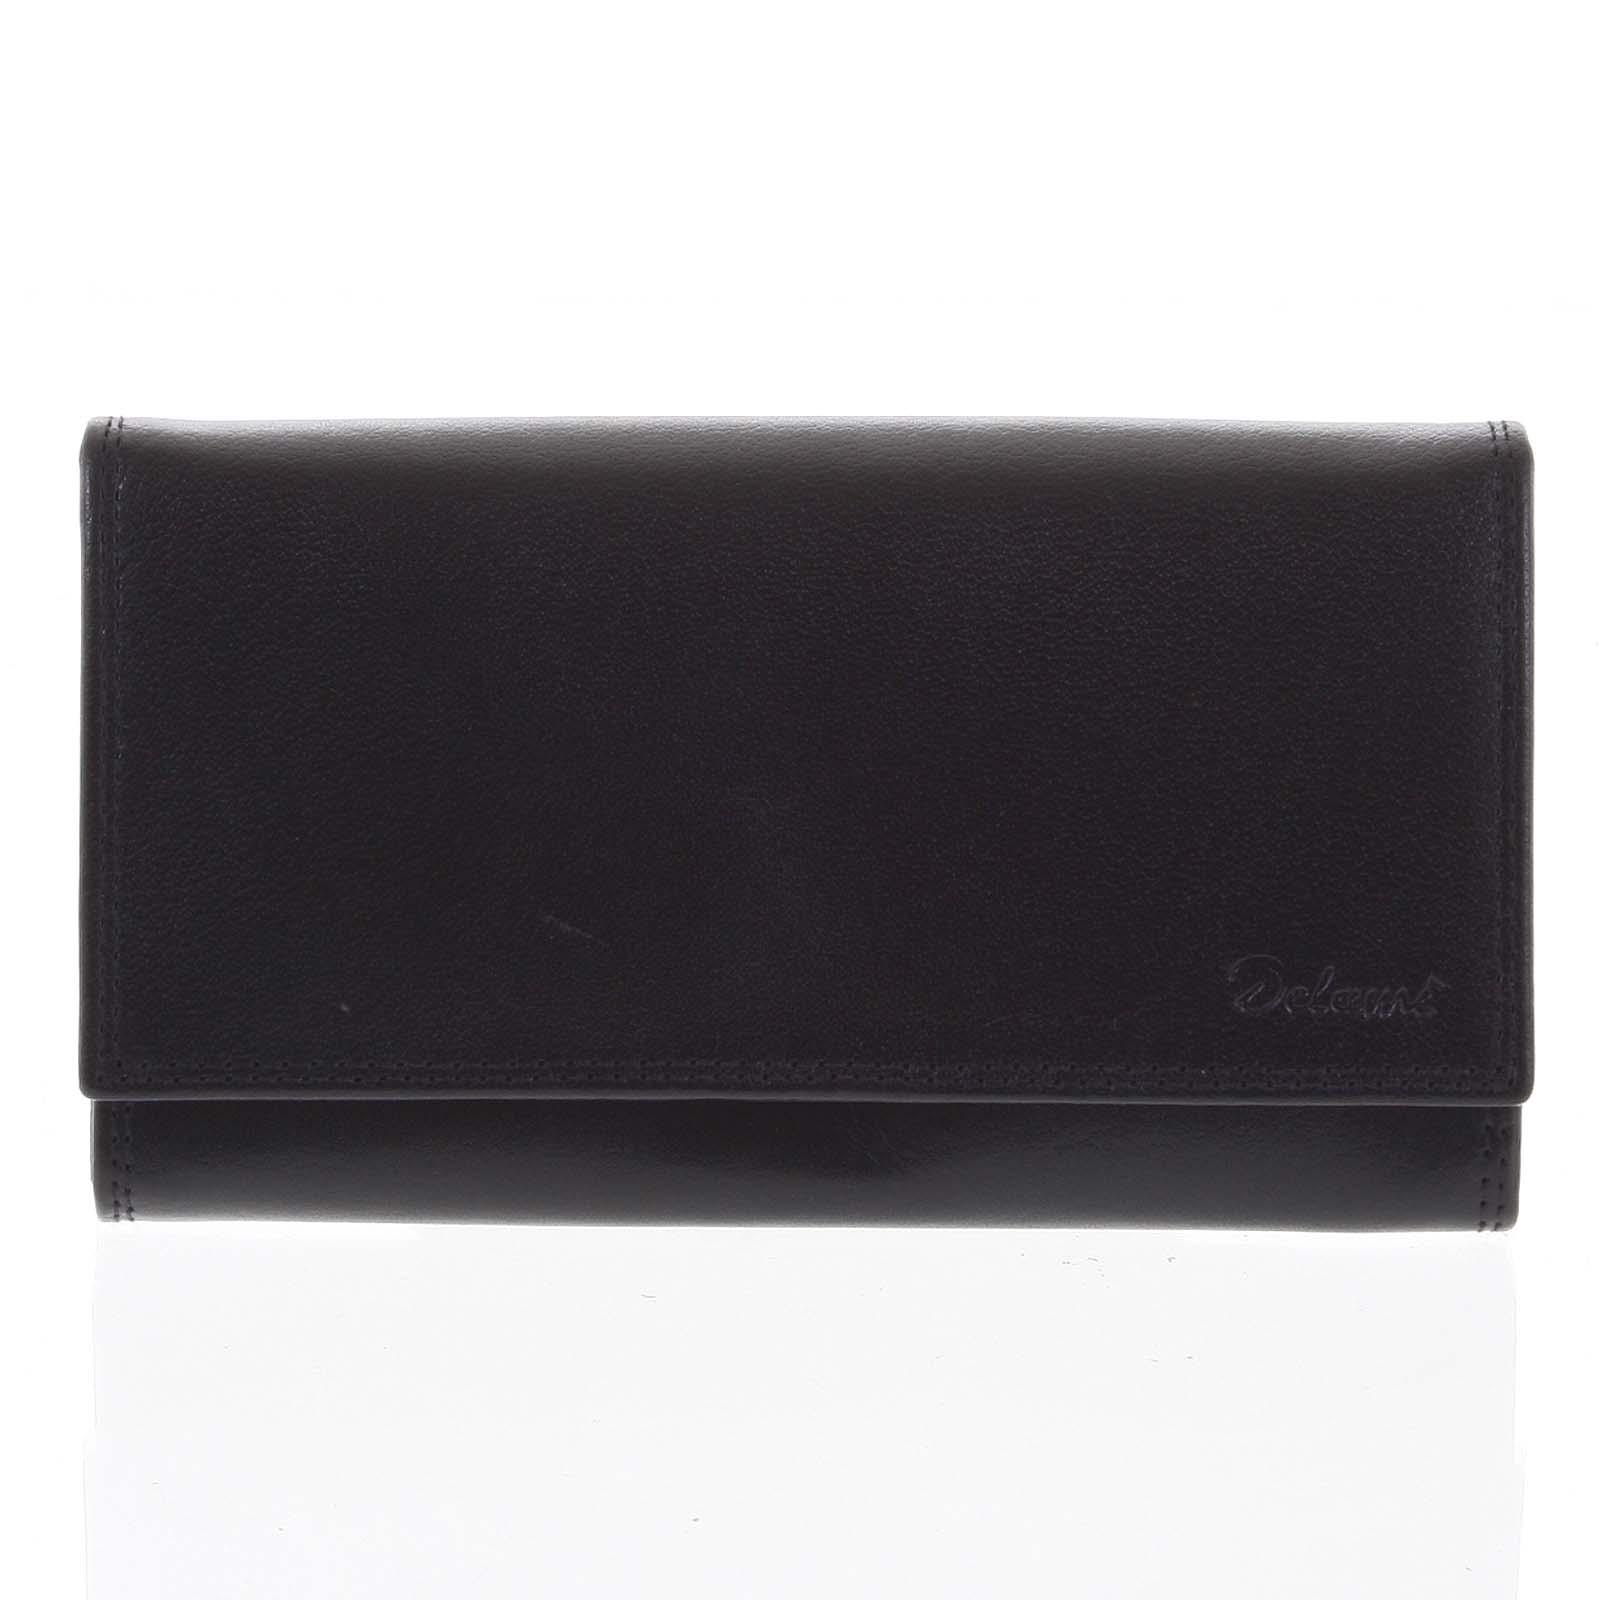 Dámska kožená peňaženka čierna - Delami Wandy čierna